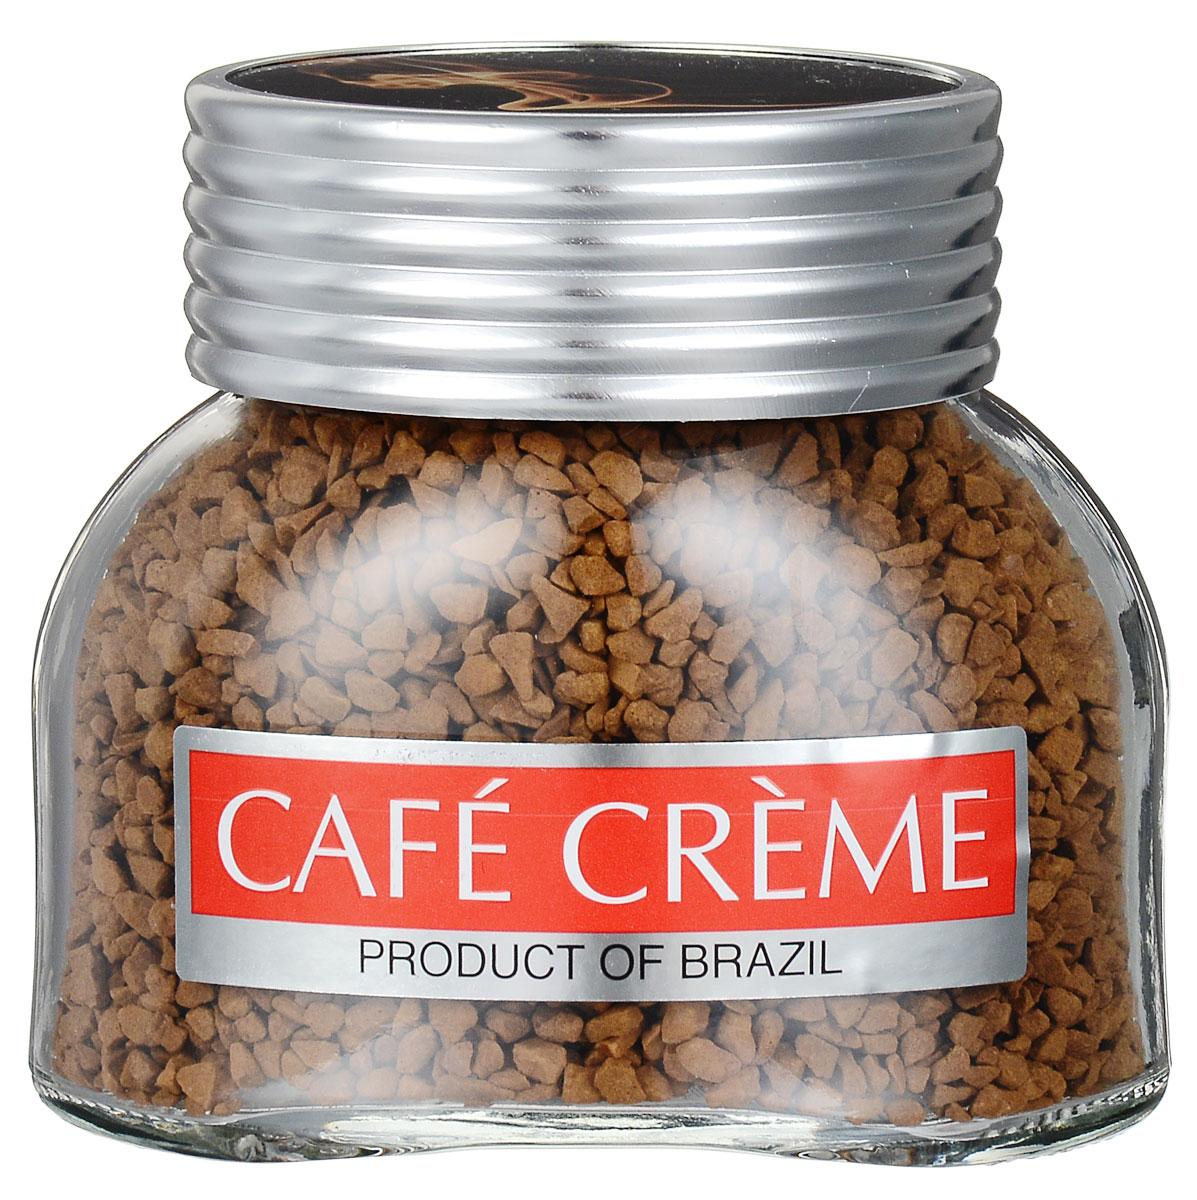 Cafe Creme Original кофе растворимый, 50 г4260283250172Cafe Creme Original - растворимый кофе высшего качества. Добавив в этот напиток две чайные ложечки меда и лимонный сок по вкусу, можно приготовить легендарный напиток здоровья и долголетия, укрепляющий иммунитет. Именно его употребляют в течение дня жители Эспирито-Санто, горной местности на юго-востоке Бразилии, где произрастает один из лучших сортов бразильской арабики.